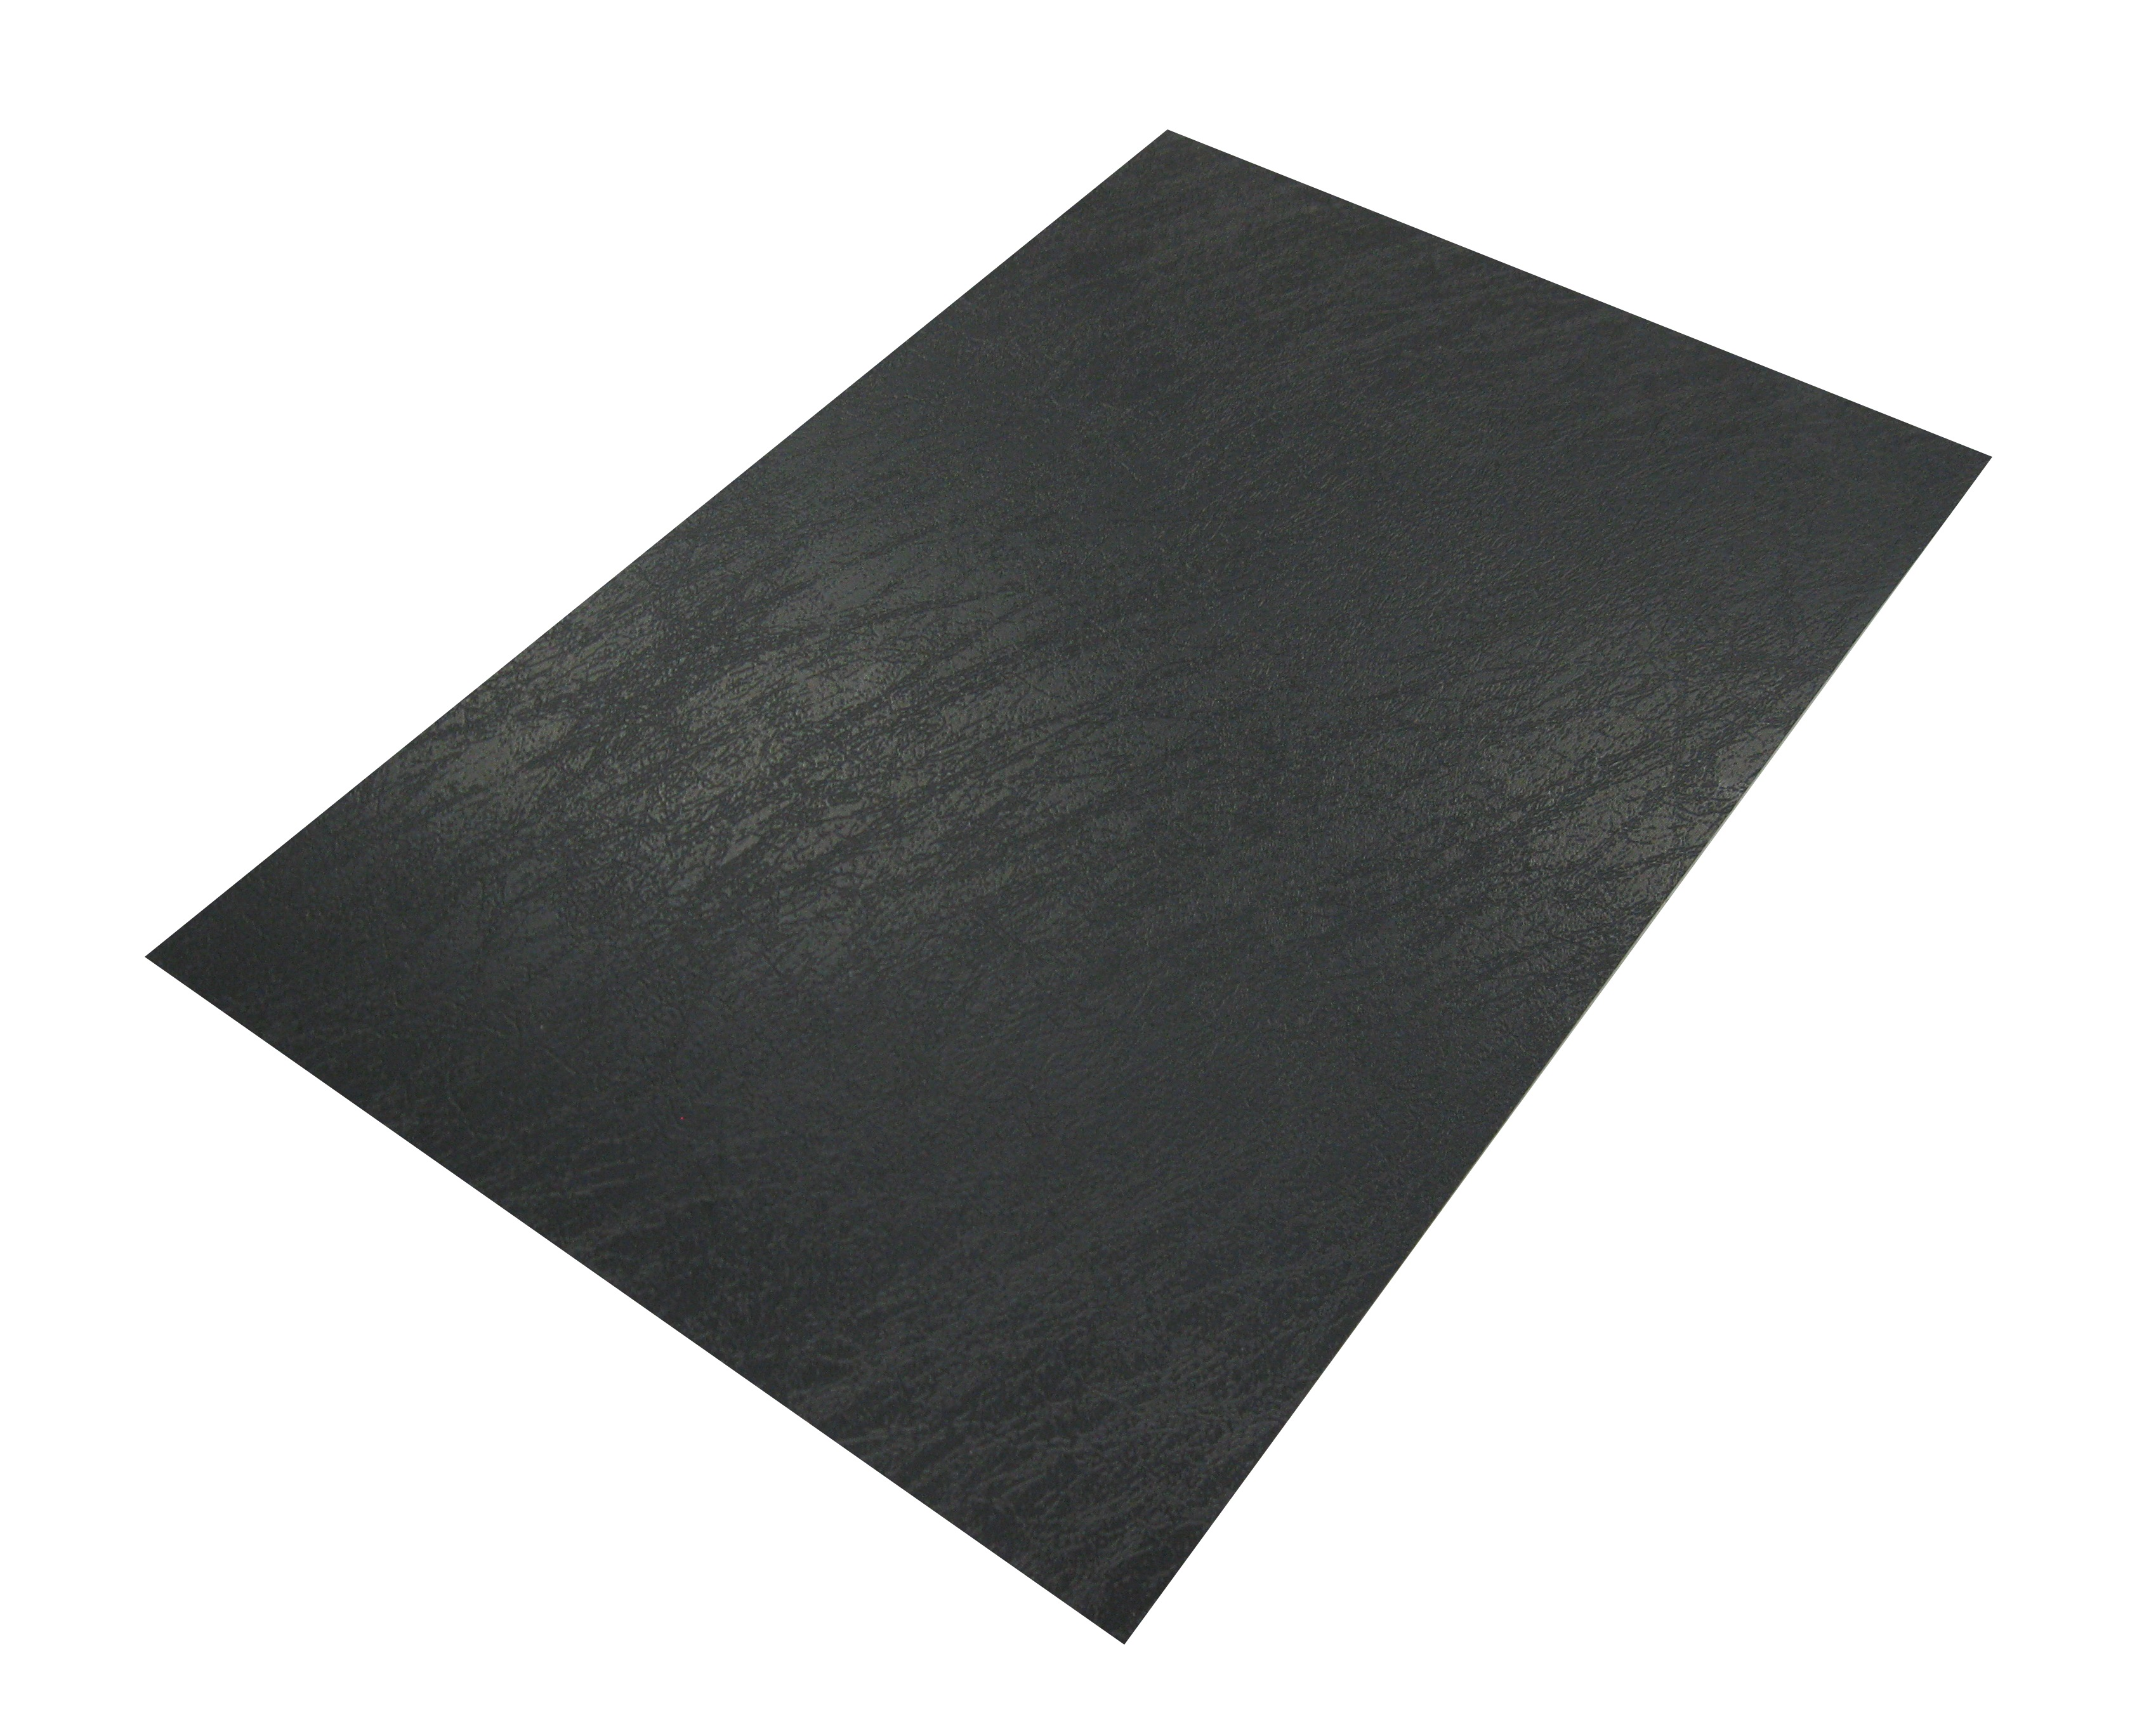 クリーンボード導電板 5mm×910mm×1820mm(N26-003)【2枚セット】